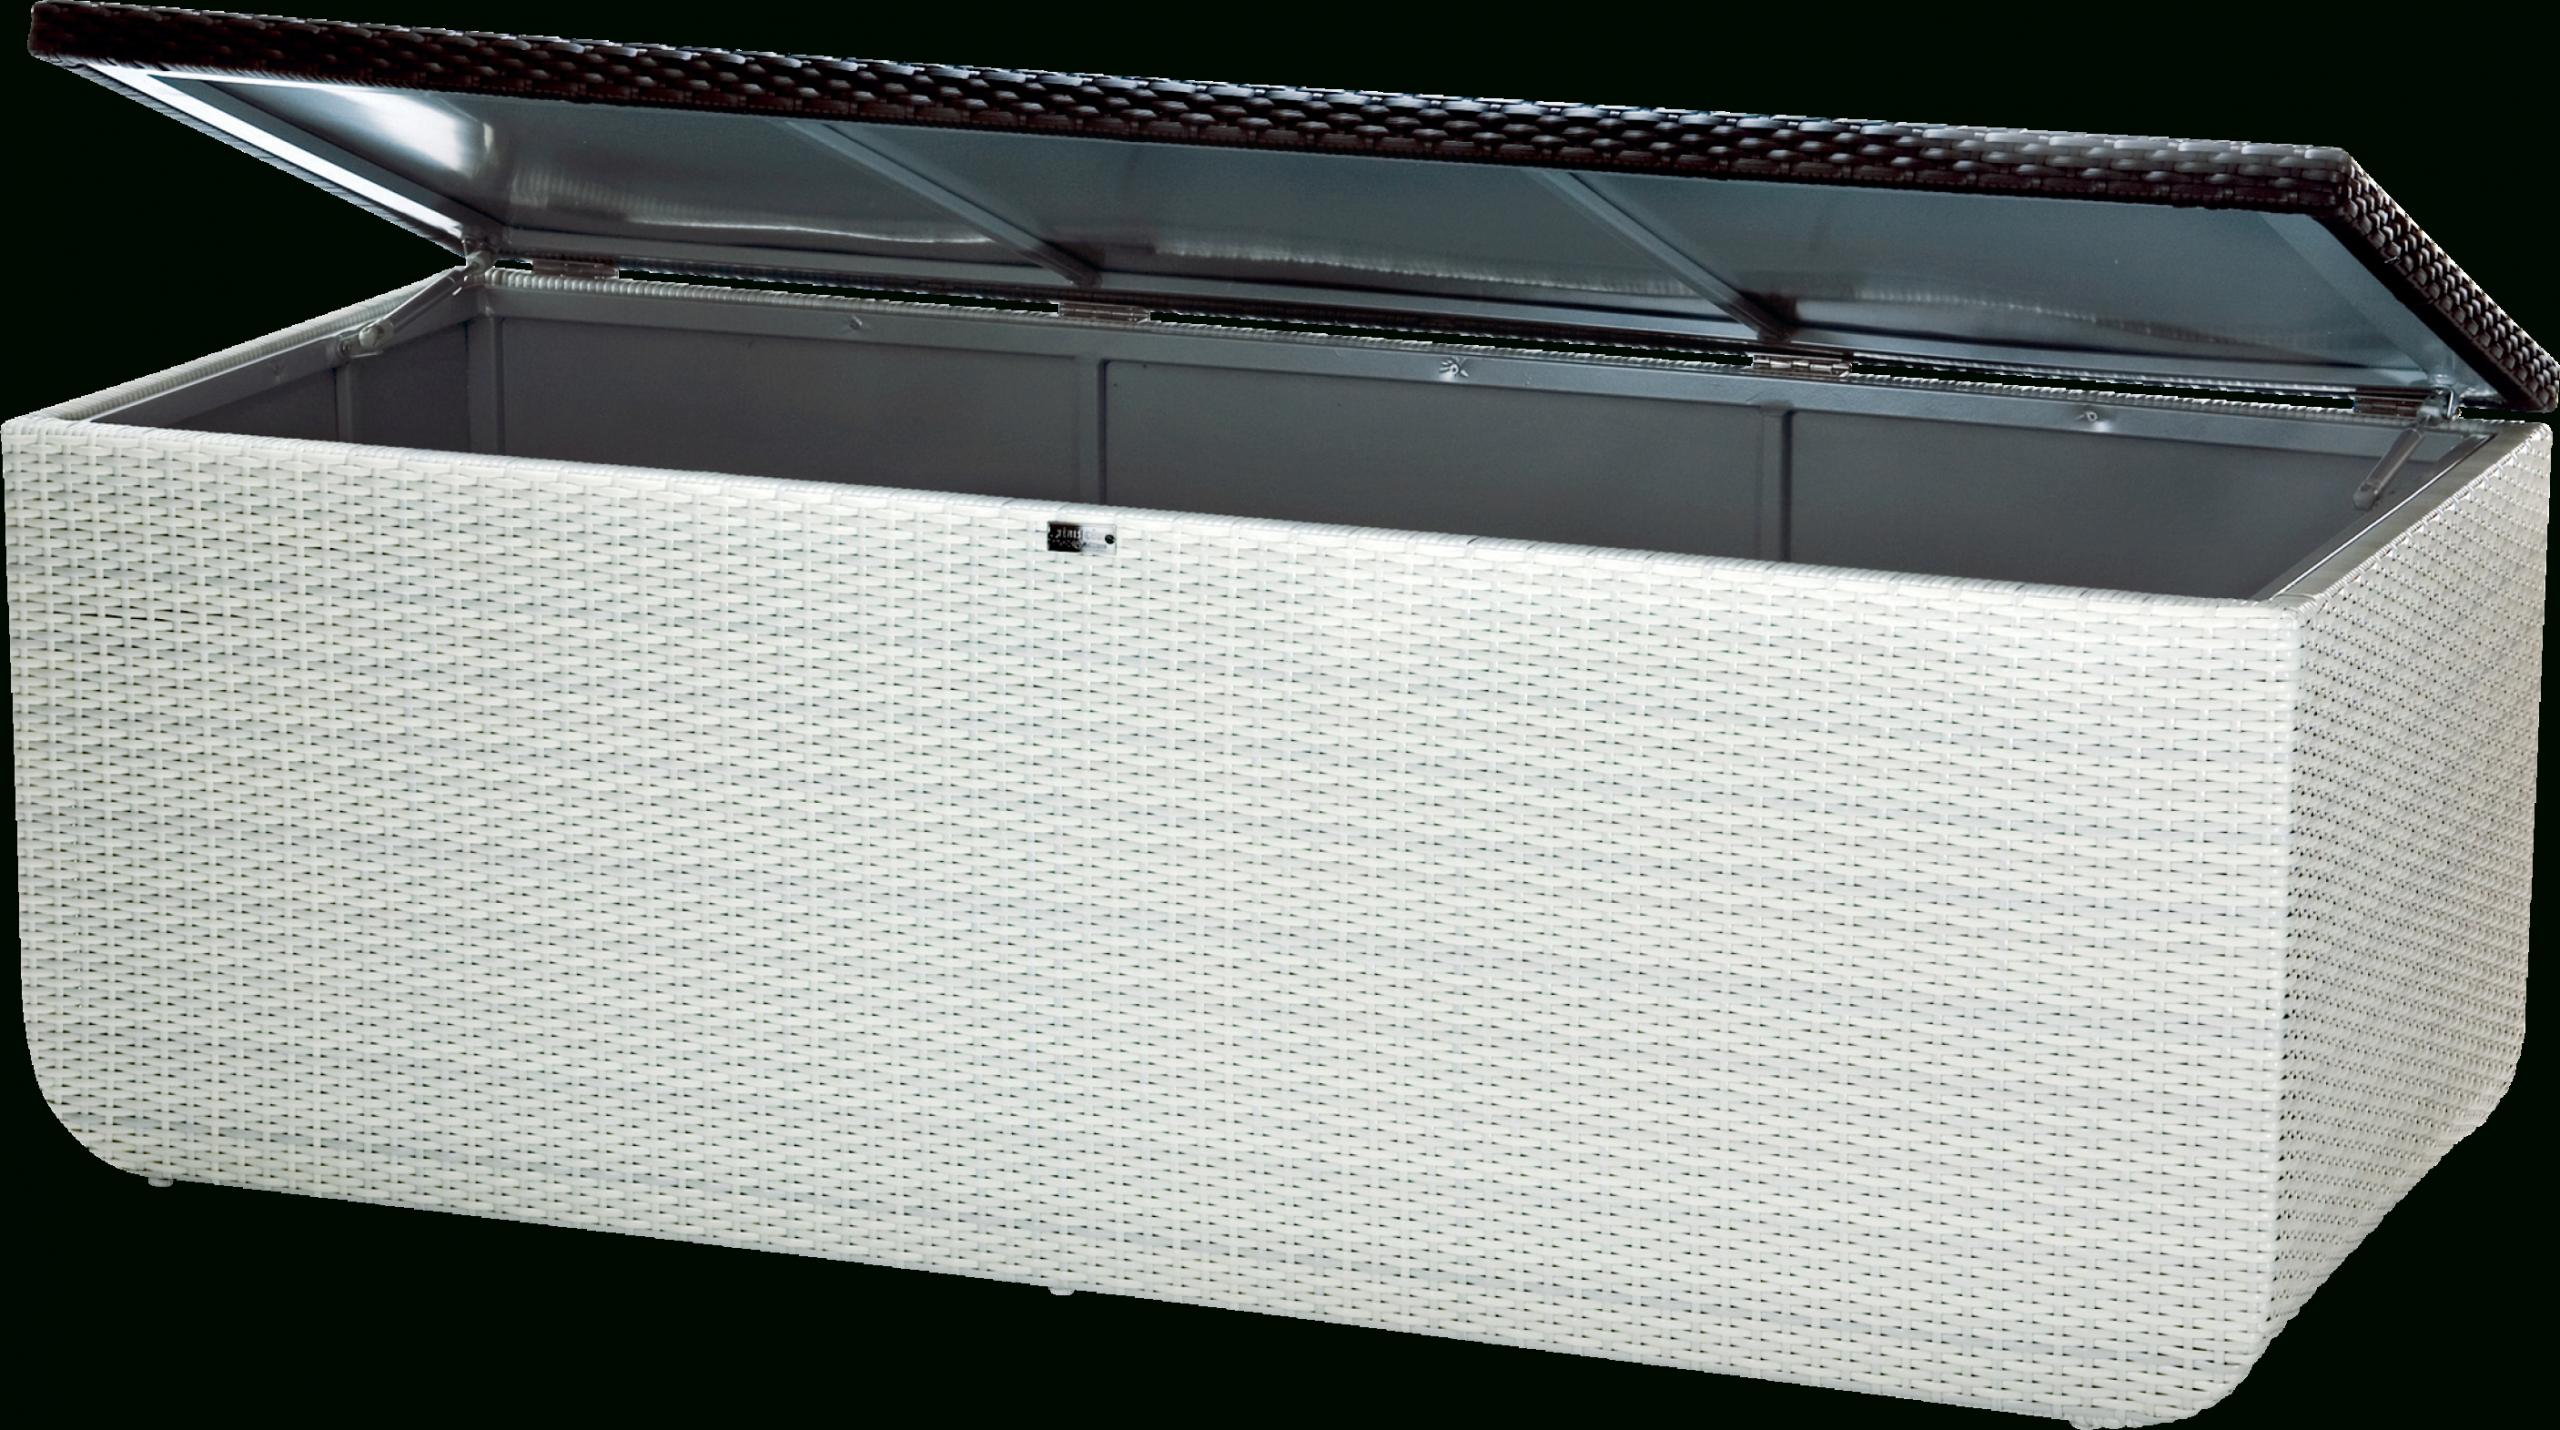 Coffre Extérieur Étanche Pour Le Jardin Prahia [Blanc & Chocolat] Cuve  Galvanisée, Acier, Vérin, Résine Tressée, Design, Haut De Gamme, Renfort,  ... encequiconcerne Coffre De Jardin Étanche